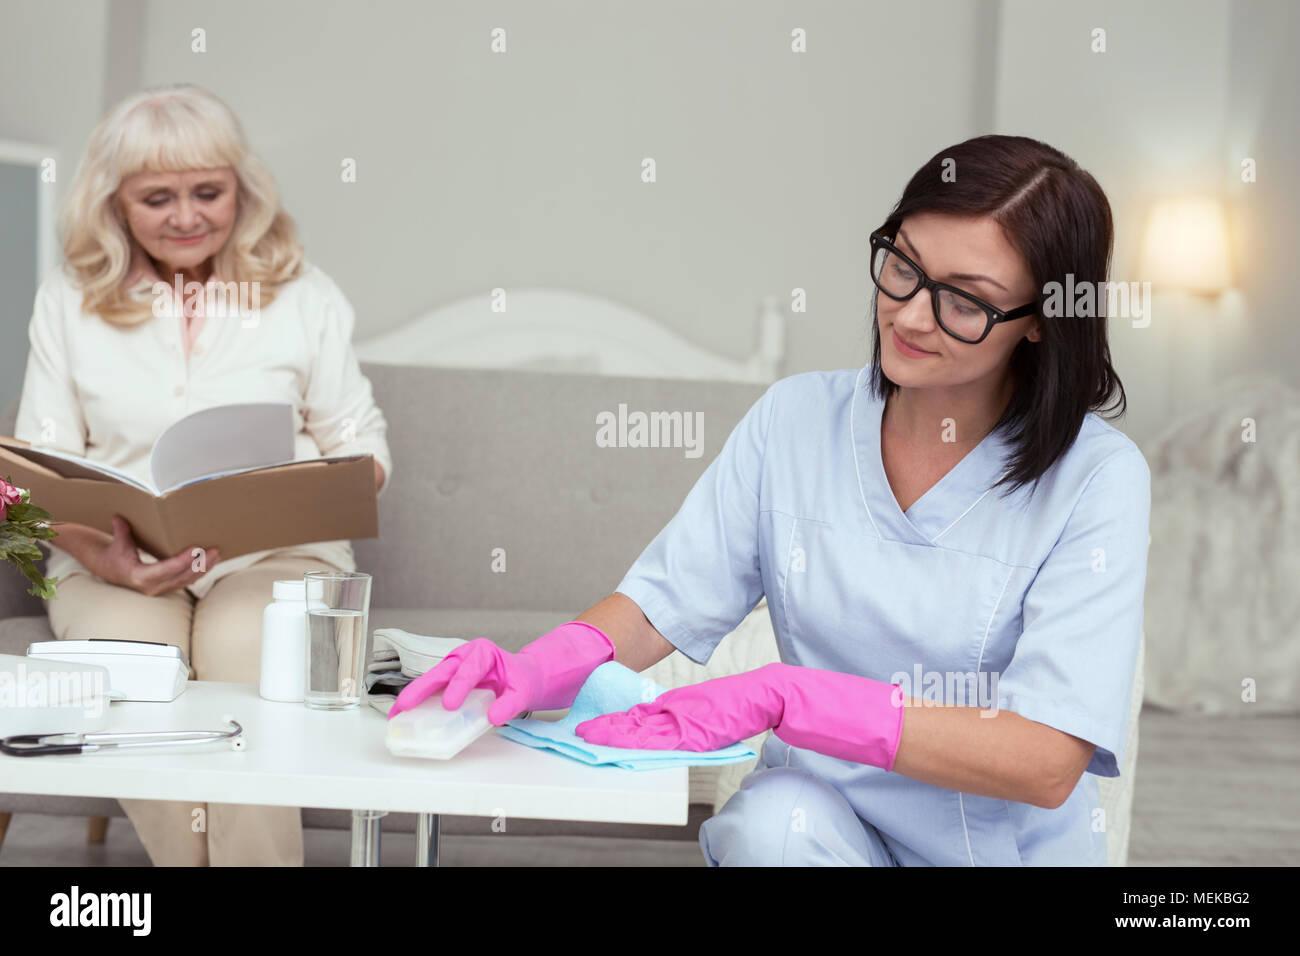 Malinconici caregiver femmina casa di pulizia Immagini Stock